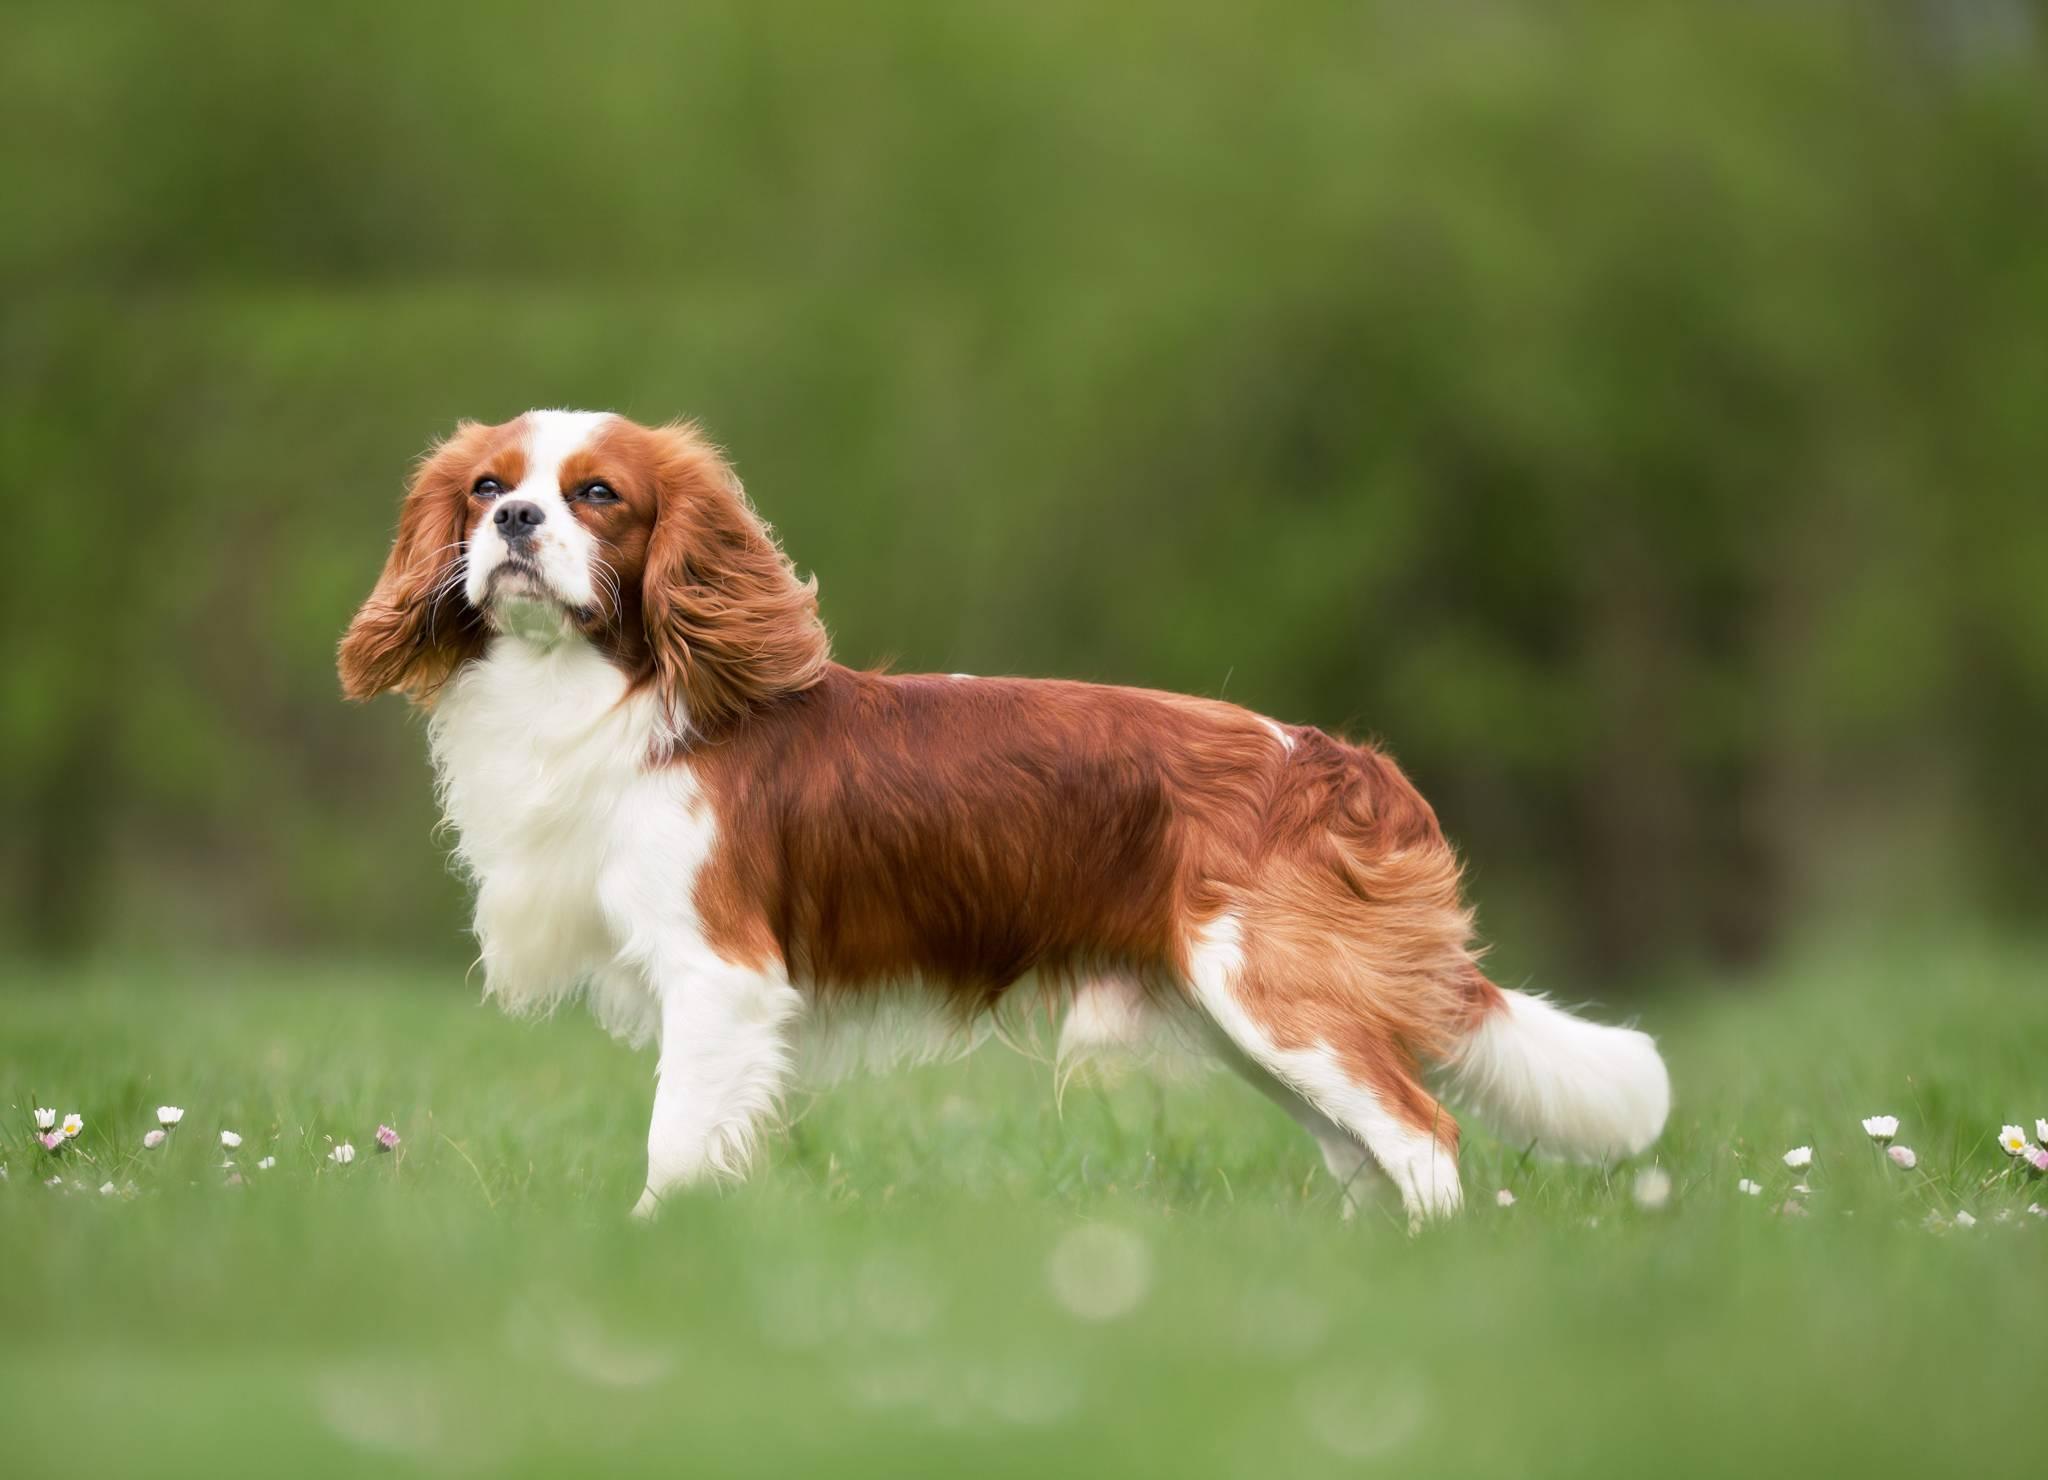 Английский сеттер: все о собаке, фото, описание породы, характер, цена